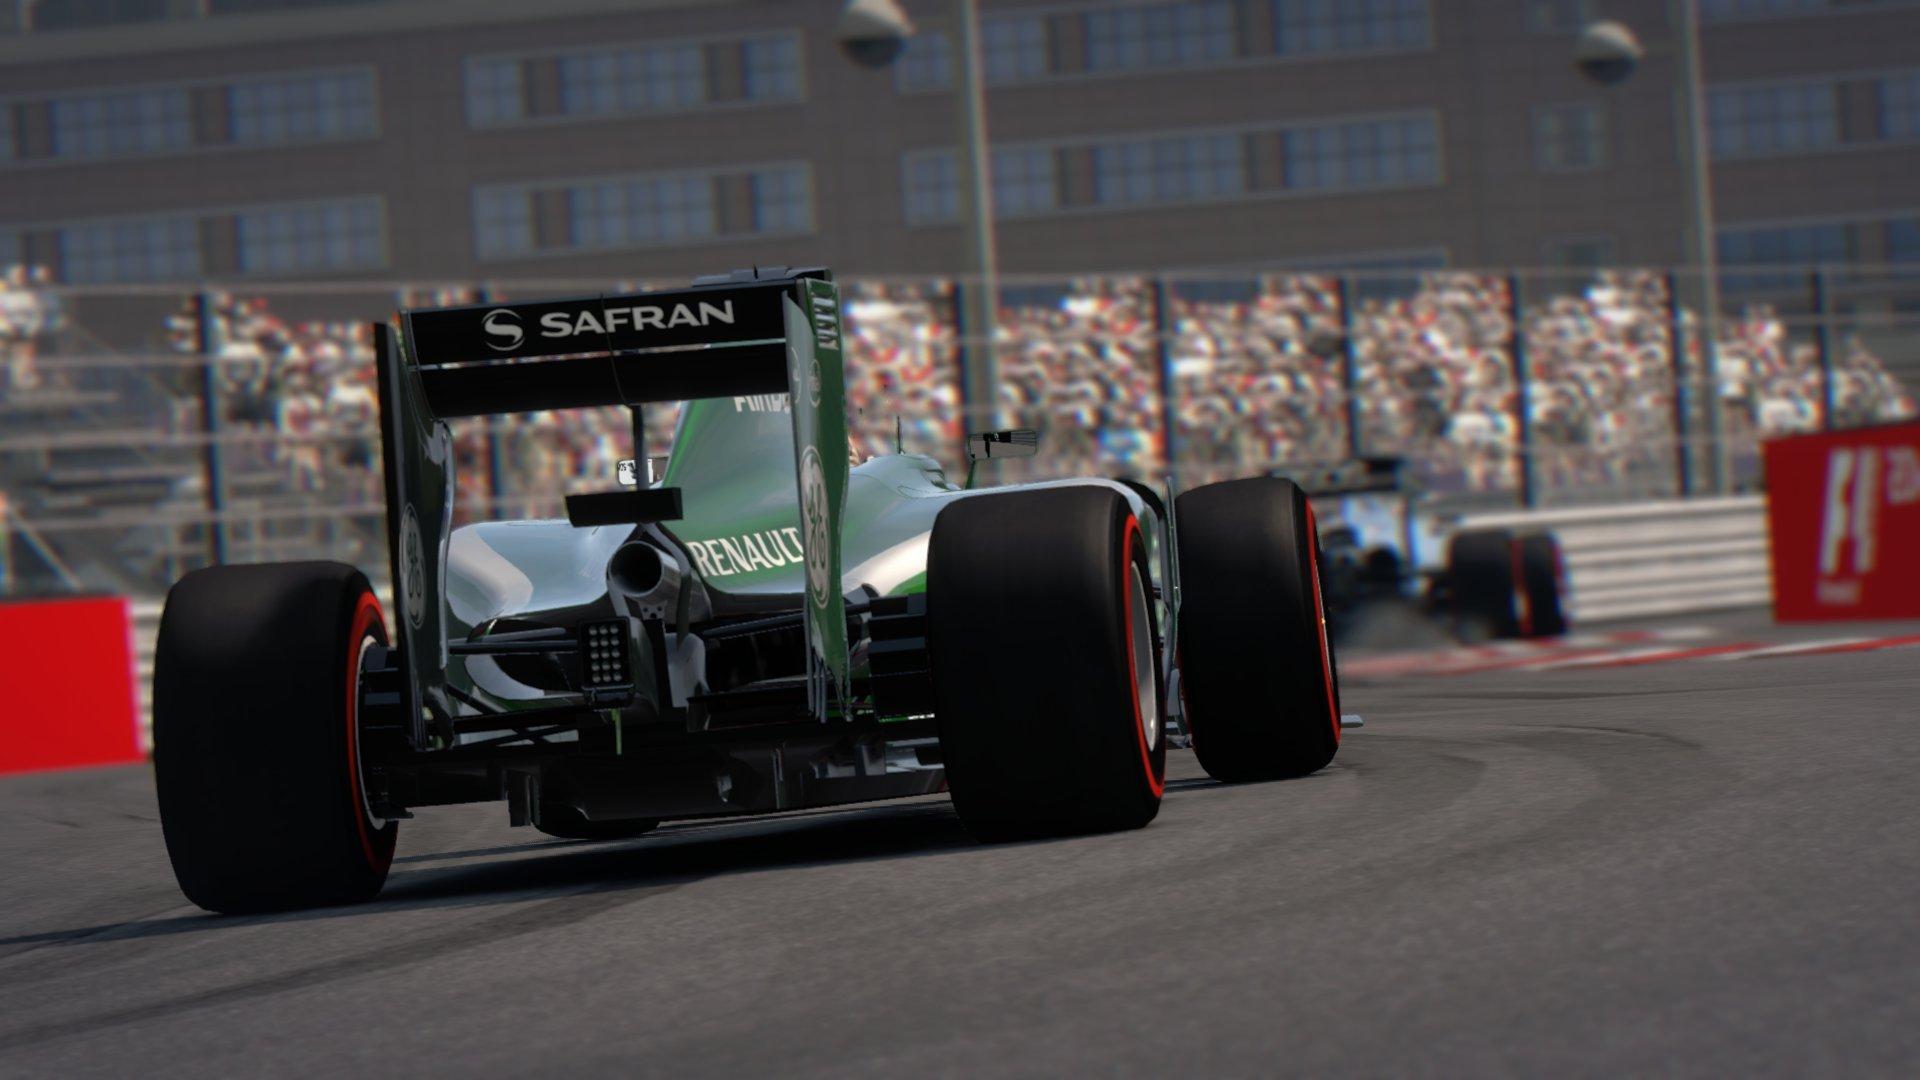 F1 2014 (Formula 1) - PlayStation 3 by Bandai (Image #12)